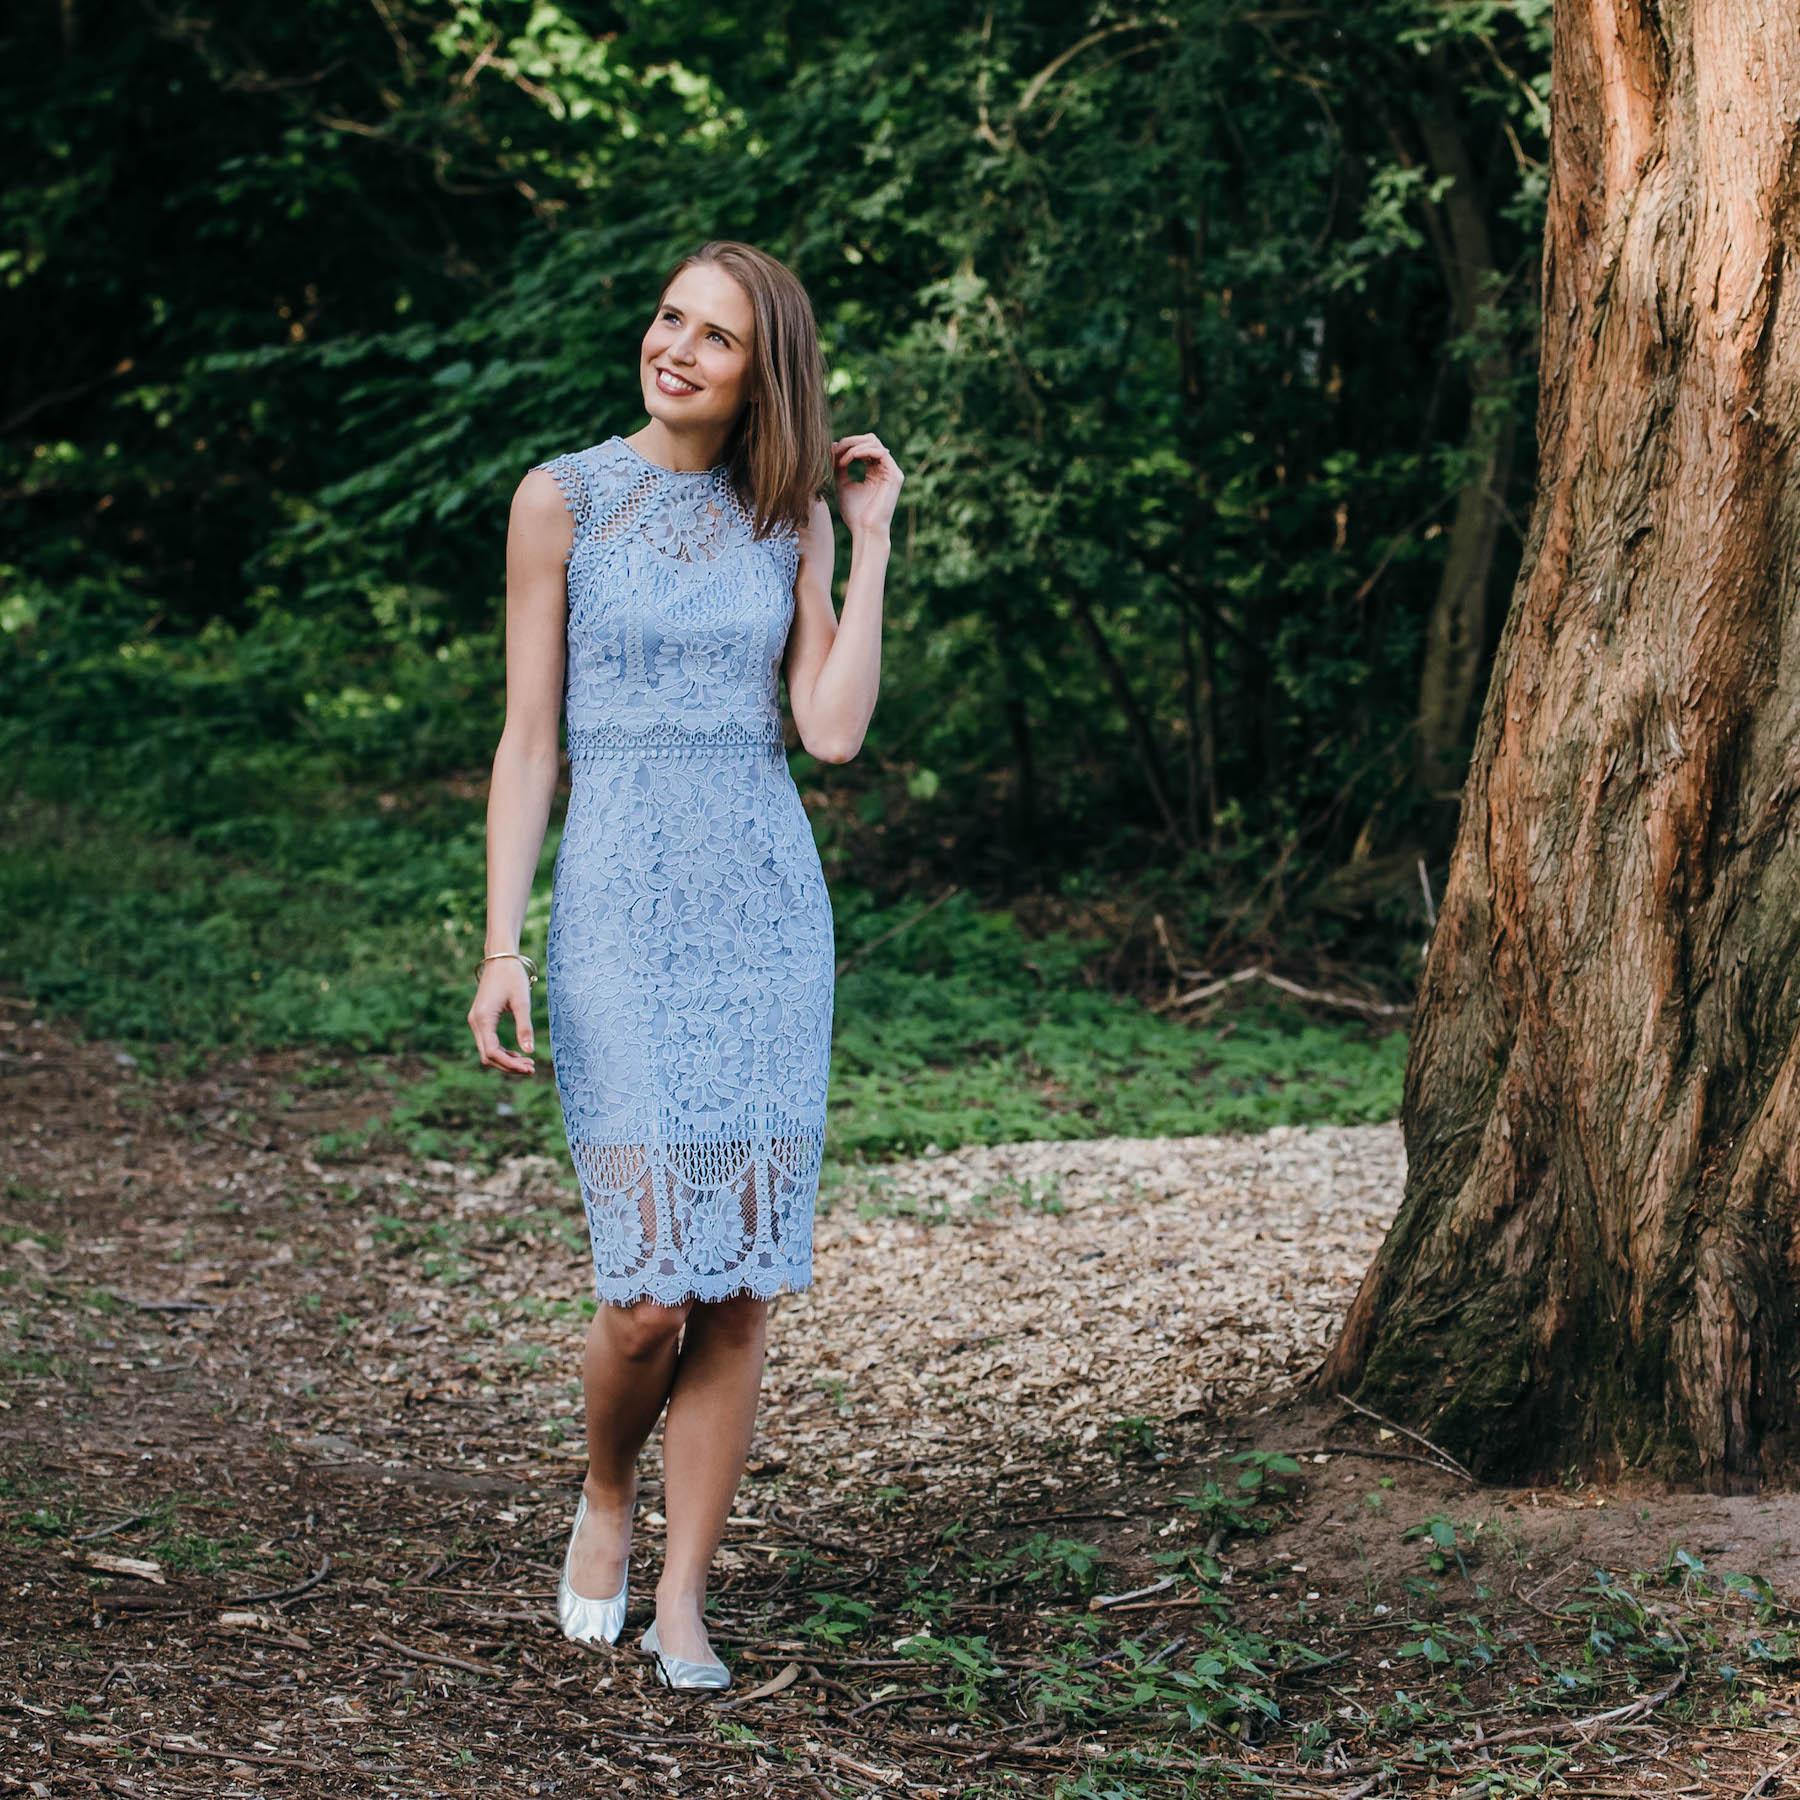 Suelovesnyc | Trauzeugin Kleid: Welches Kleid Als Trauzeugin